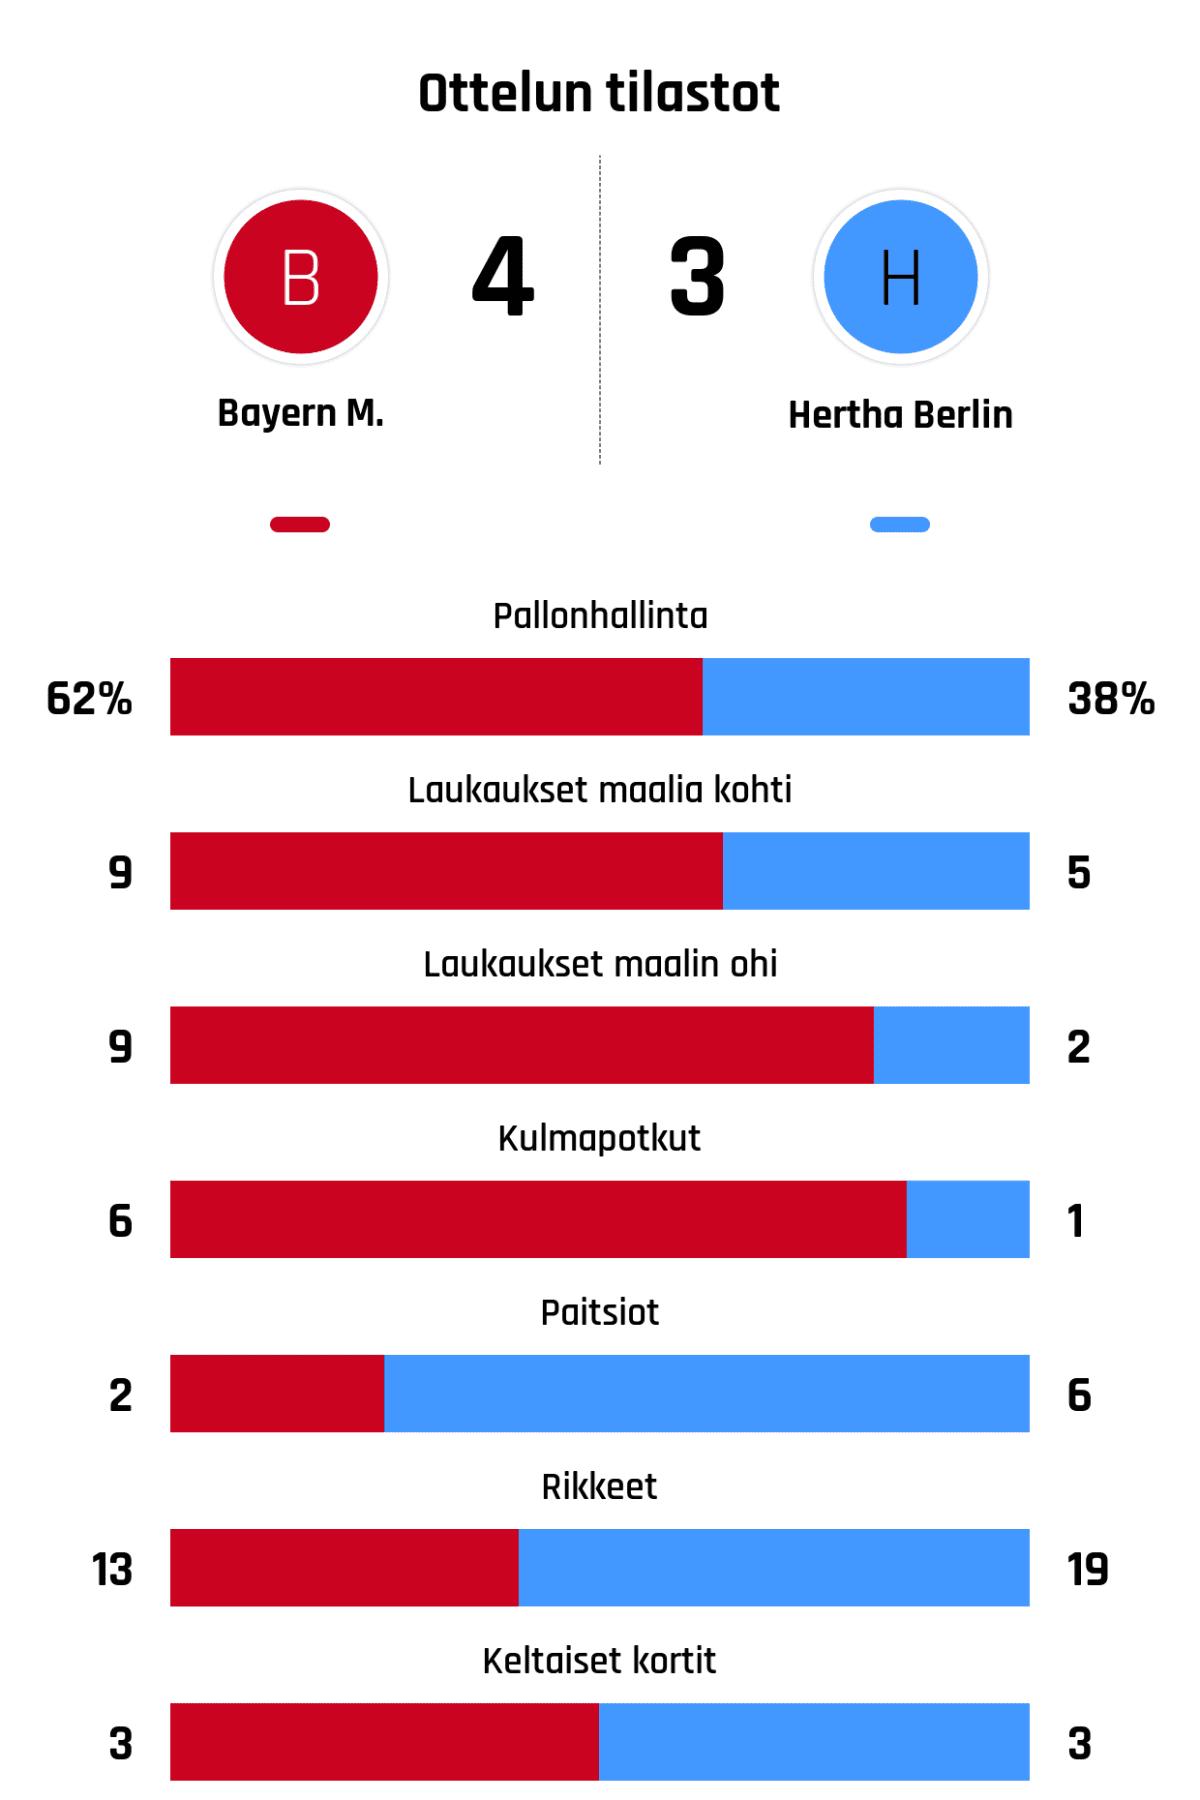 Pallonhallinta 62%-38% Laukaukset maalia kohti 9-5 Laukaukset maalin ohi 9-2 Kulmapotkut 6-1 Paitsiot 2-6 Rikkeet 13-19 Keltaiset kortit 3-3